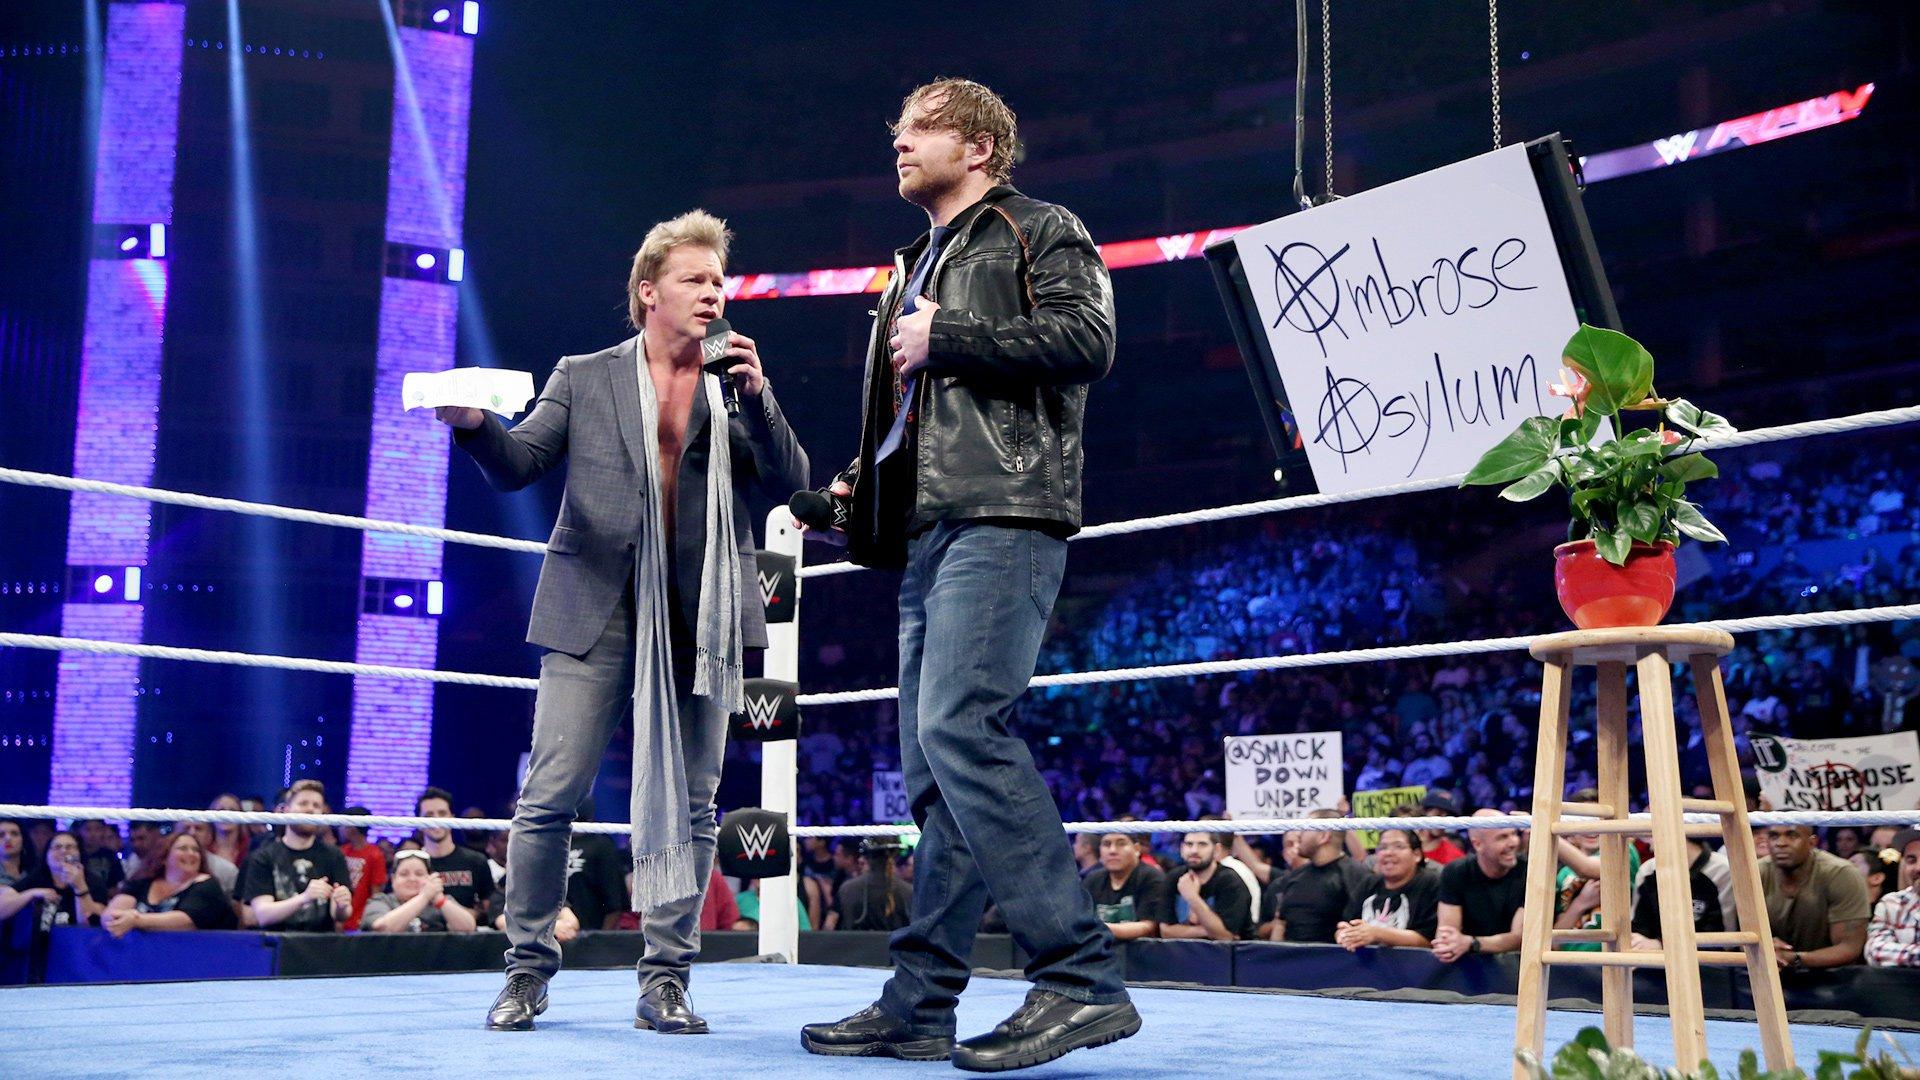 """Pour Shane McMahon, """"The Highlight Reel"""" de Chris Jericho est annulé et remplacé par """"The Ambrose Asylum"""": Raw, 11 avril 2016"""